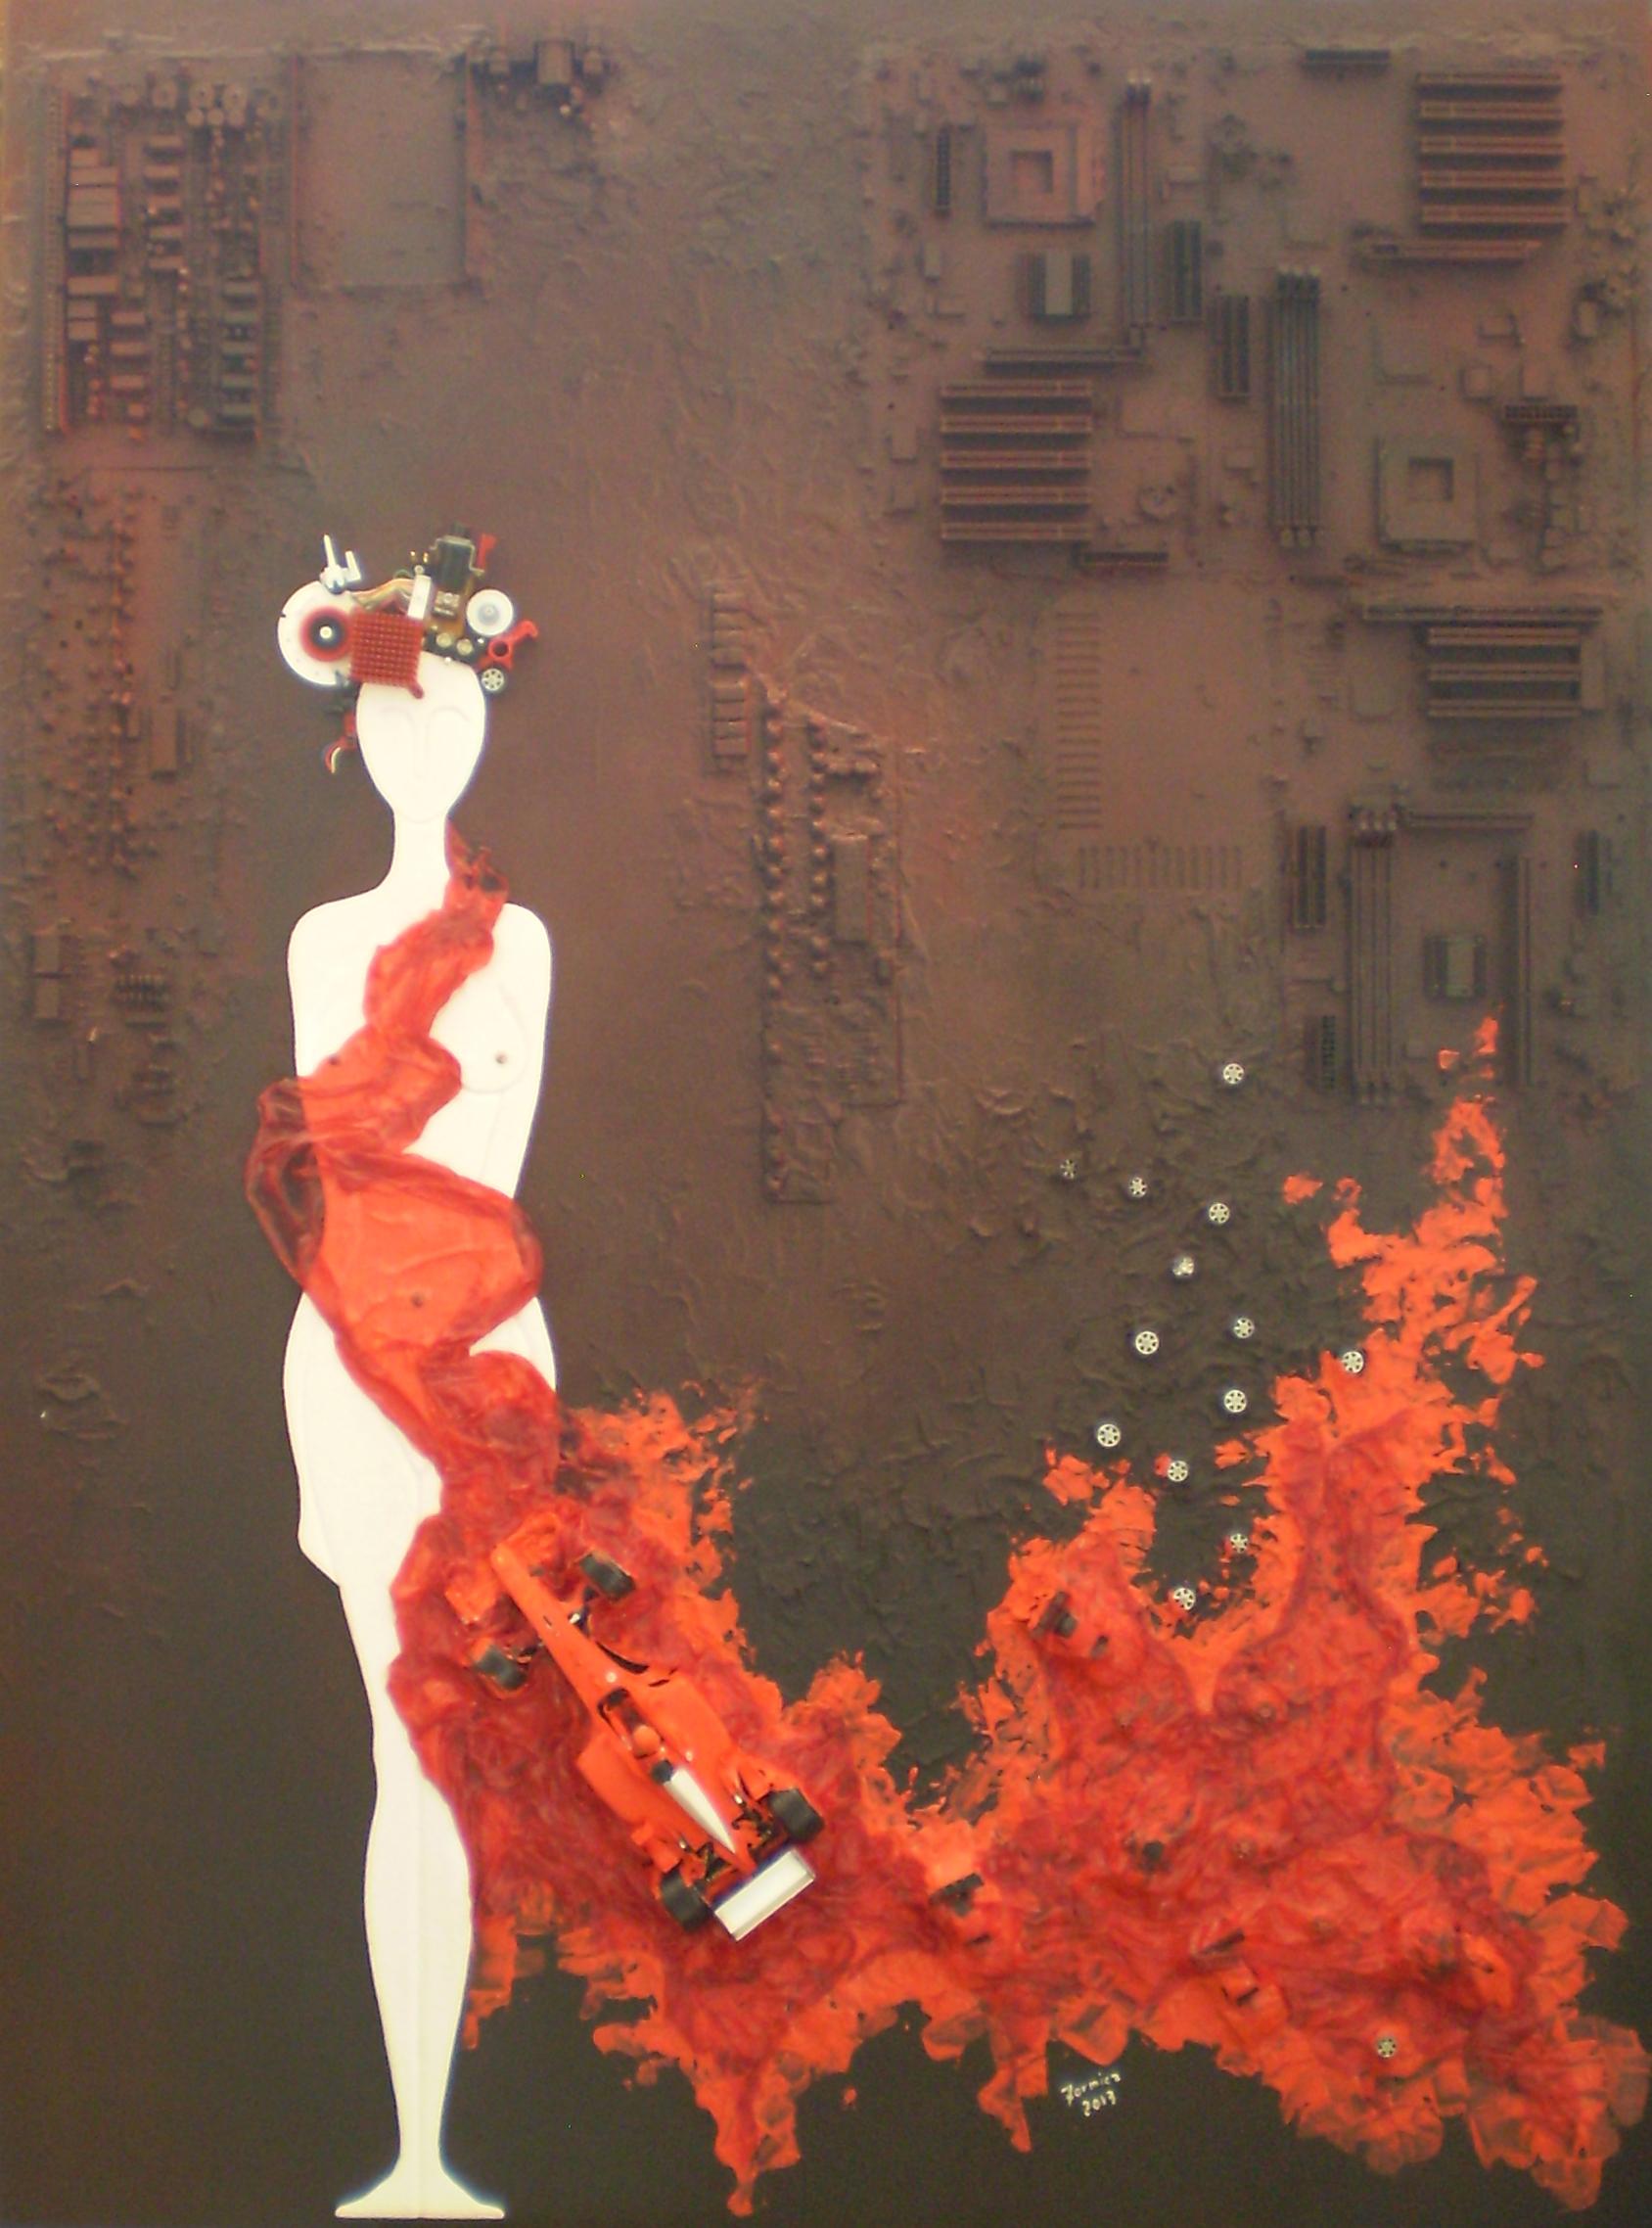 THE ETERNAL RED FEMININE